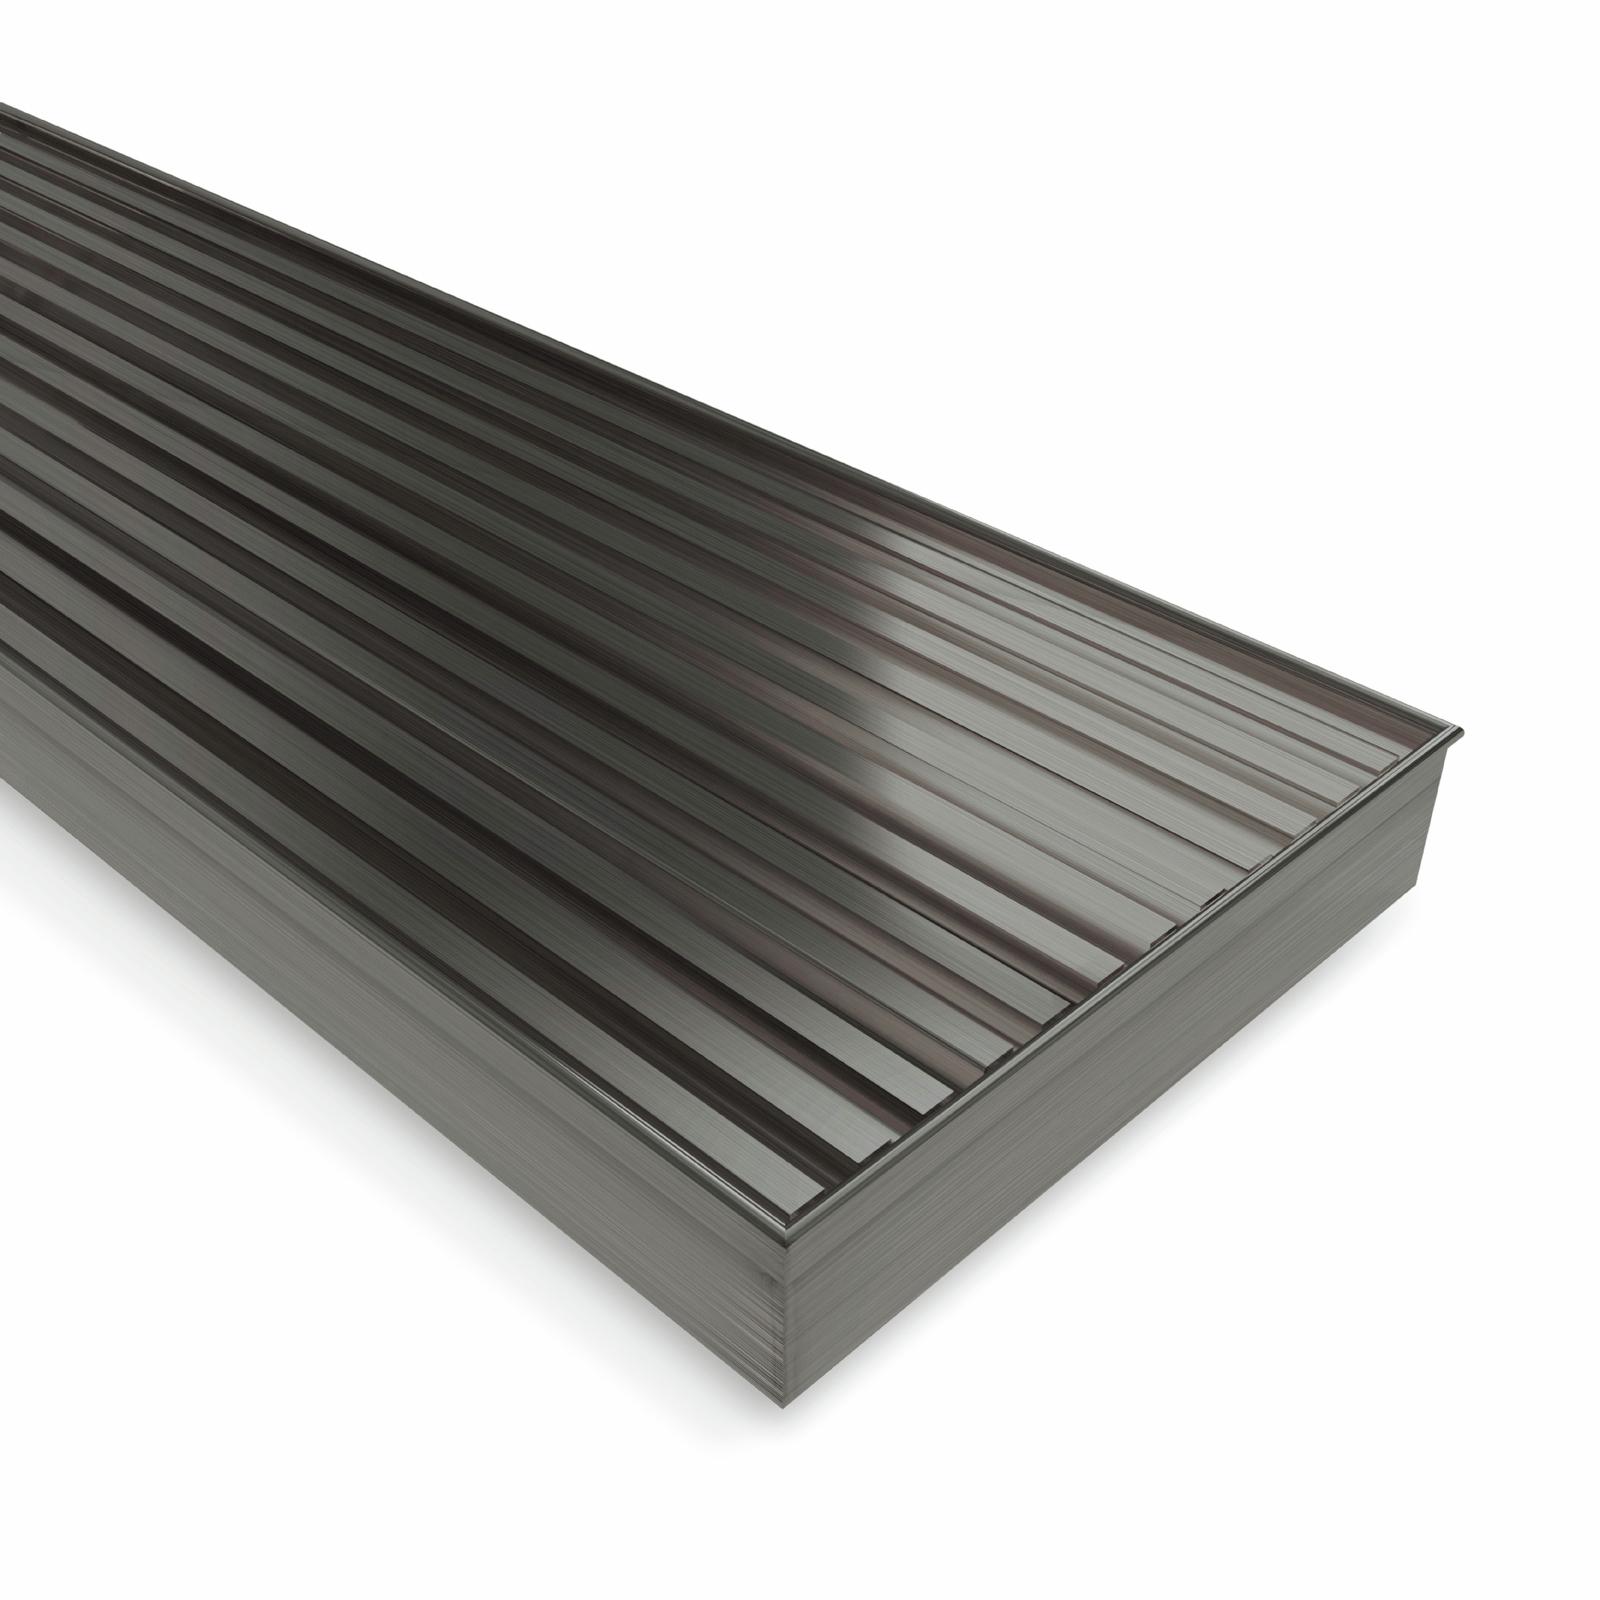 Forme 1000 × 100mm Brushed Gun Metal Grey PVD Stainless Steel Mesh Floor Waste